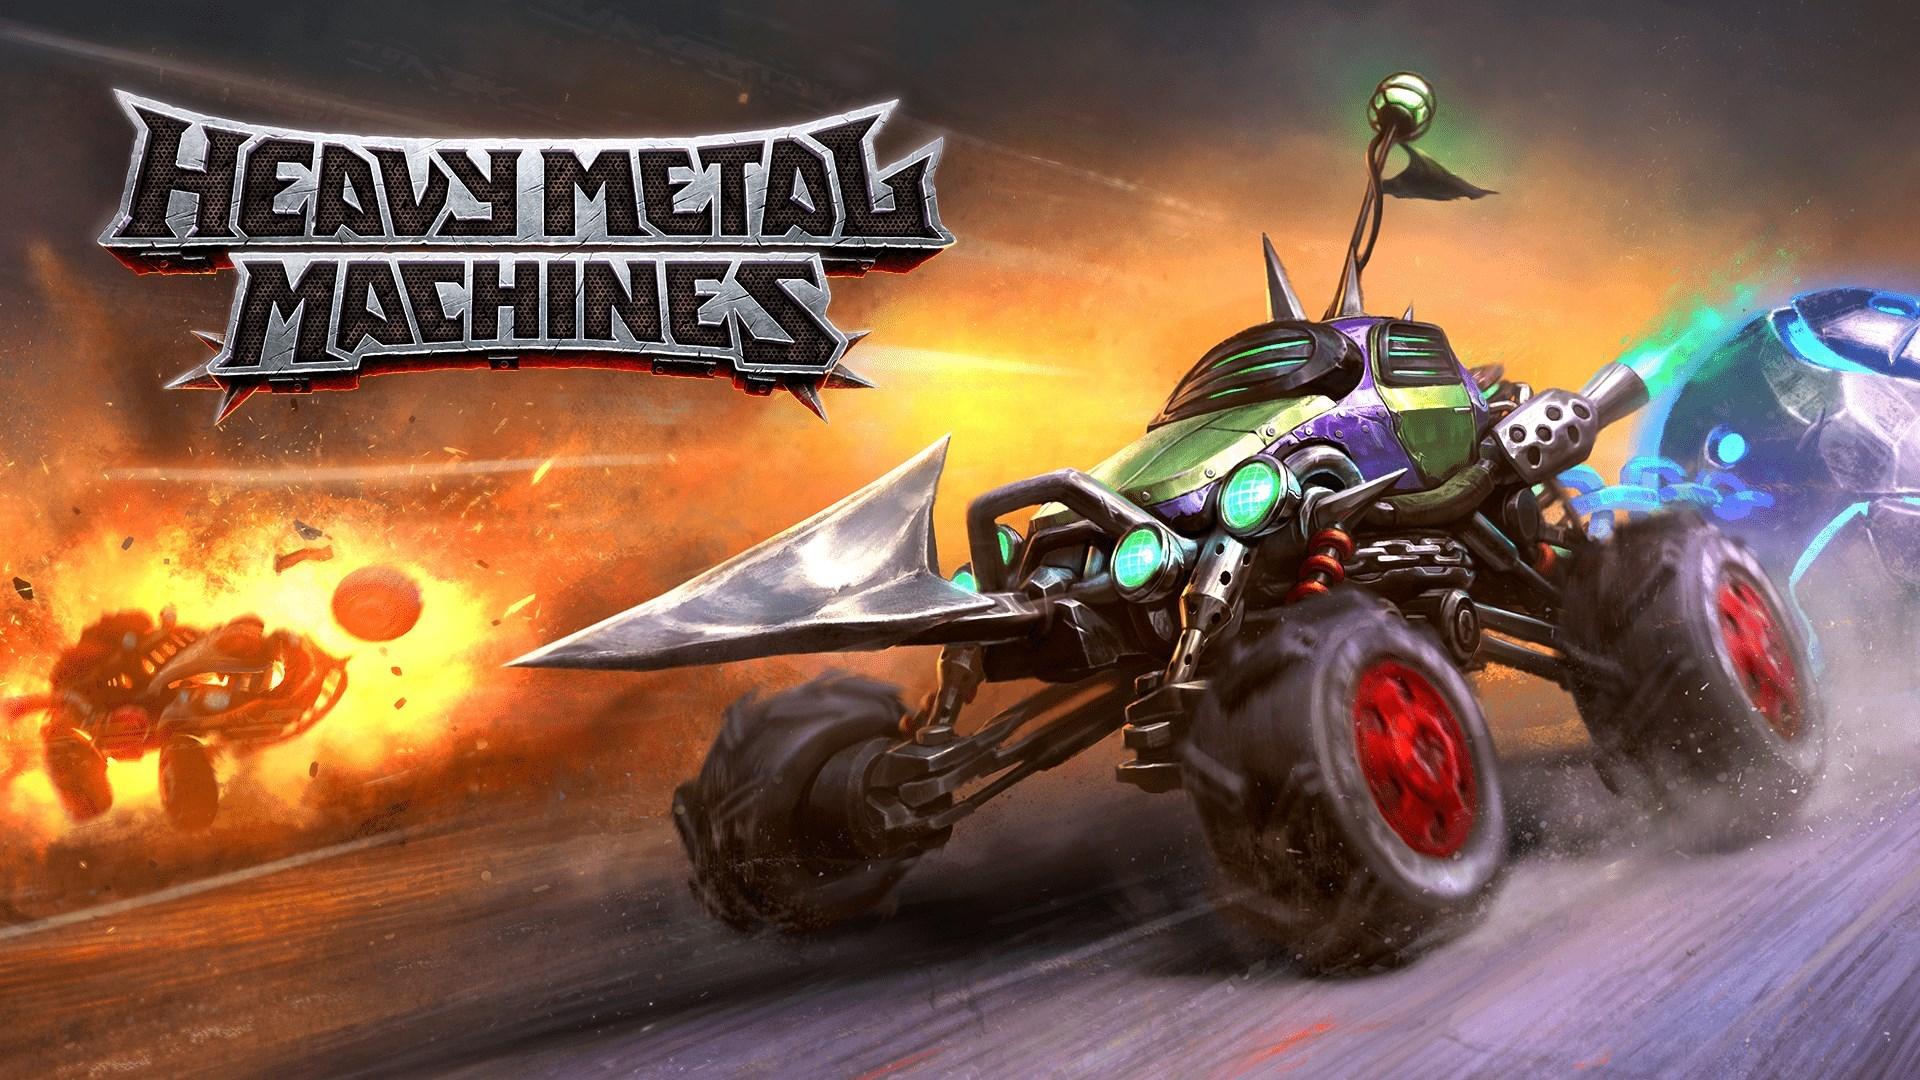 Постер Heavy Metal Machines